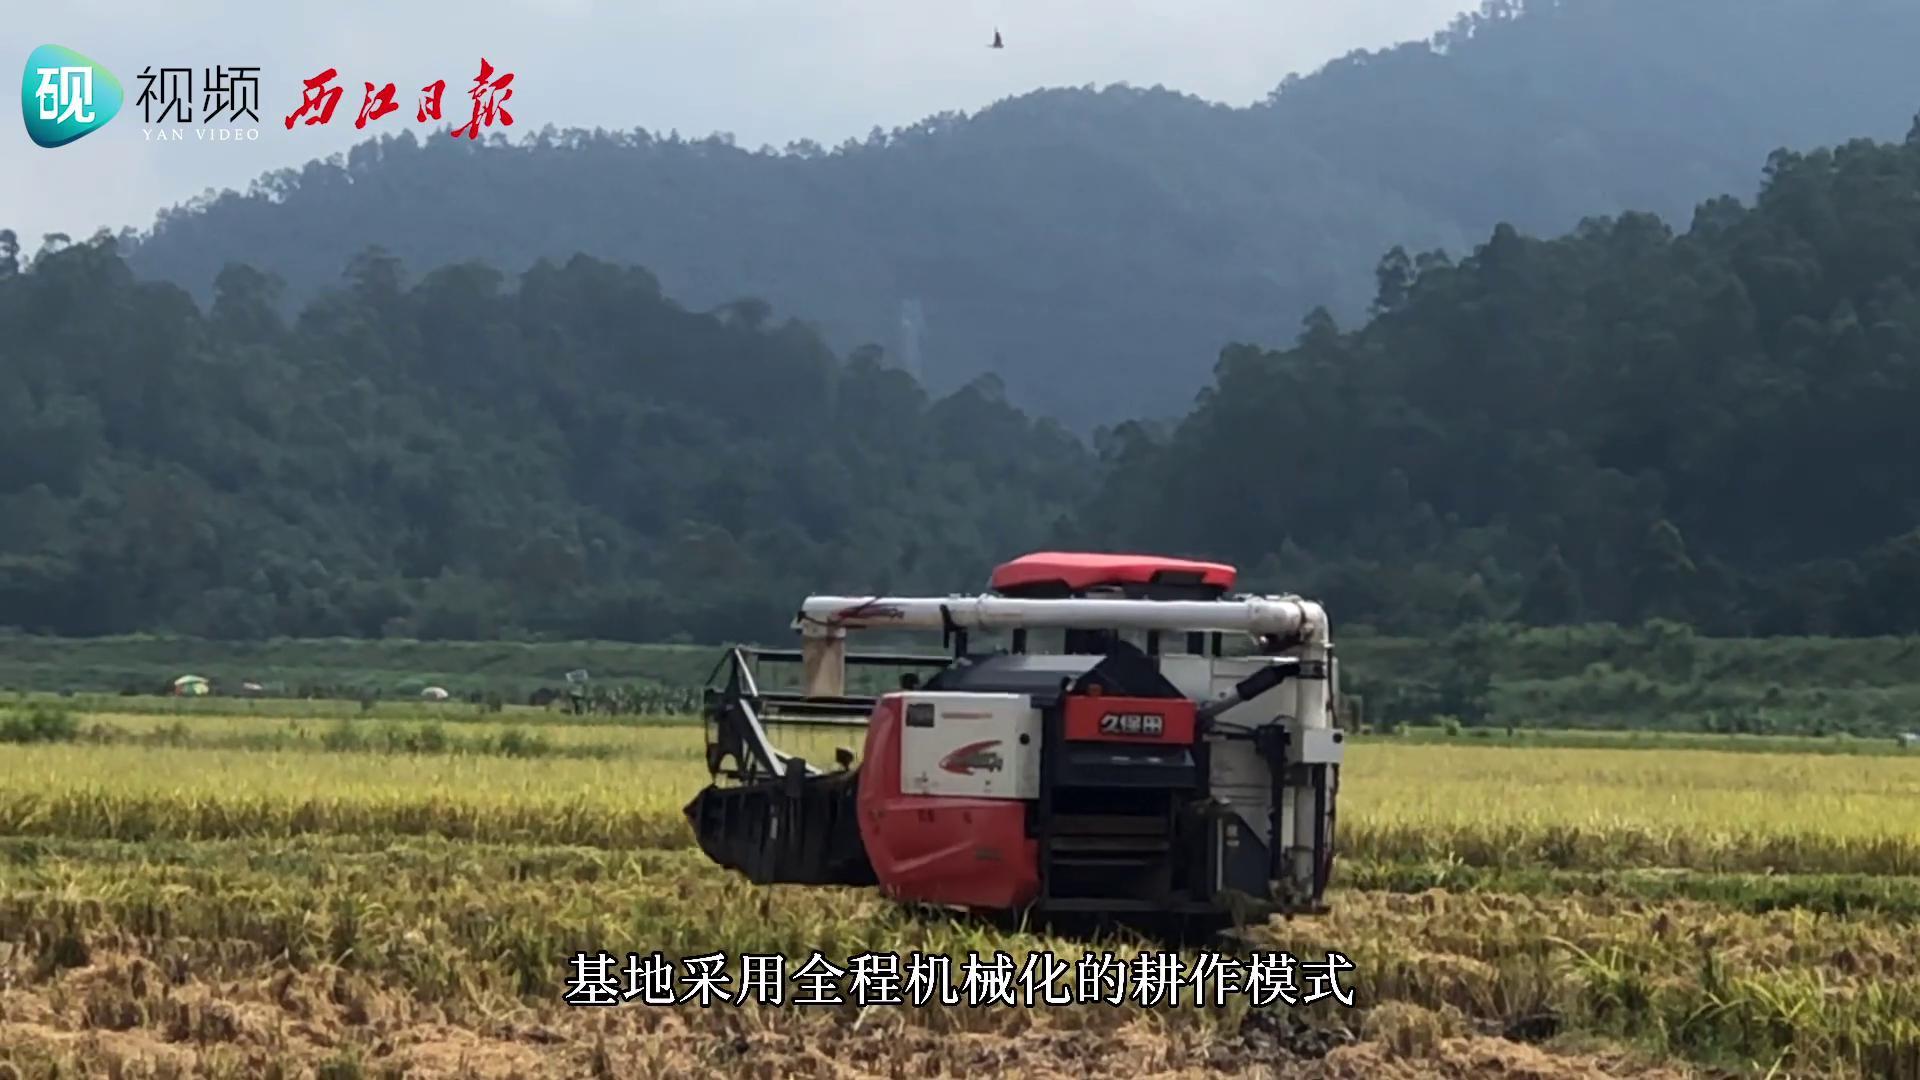 肇庆高要:夏季水稻获丰收 田间机械收割忙